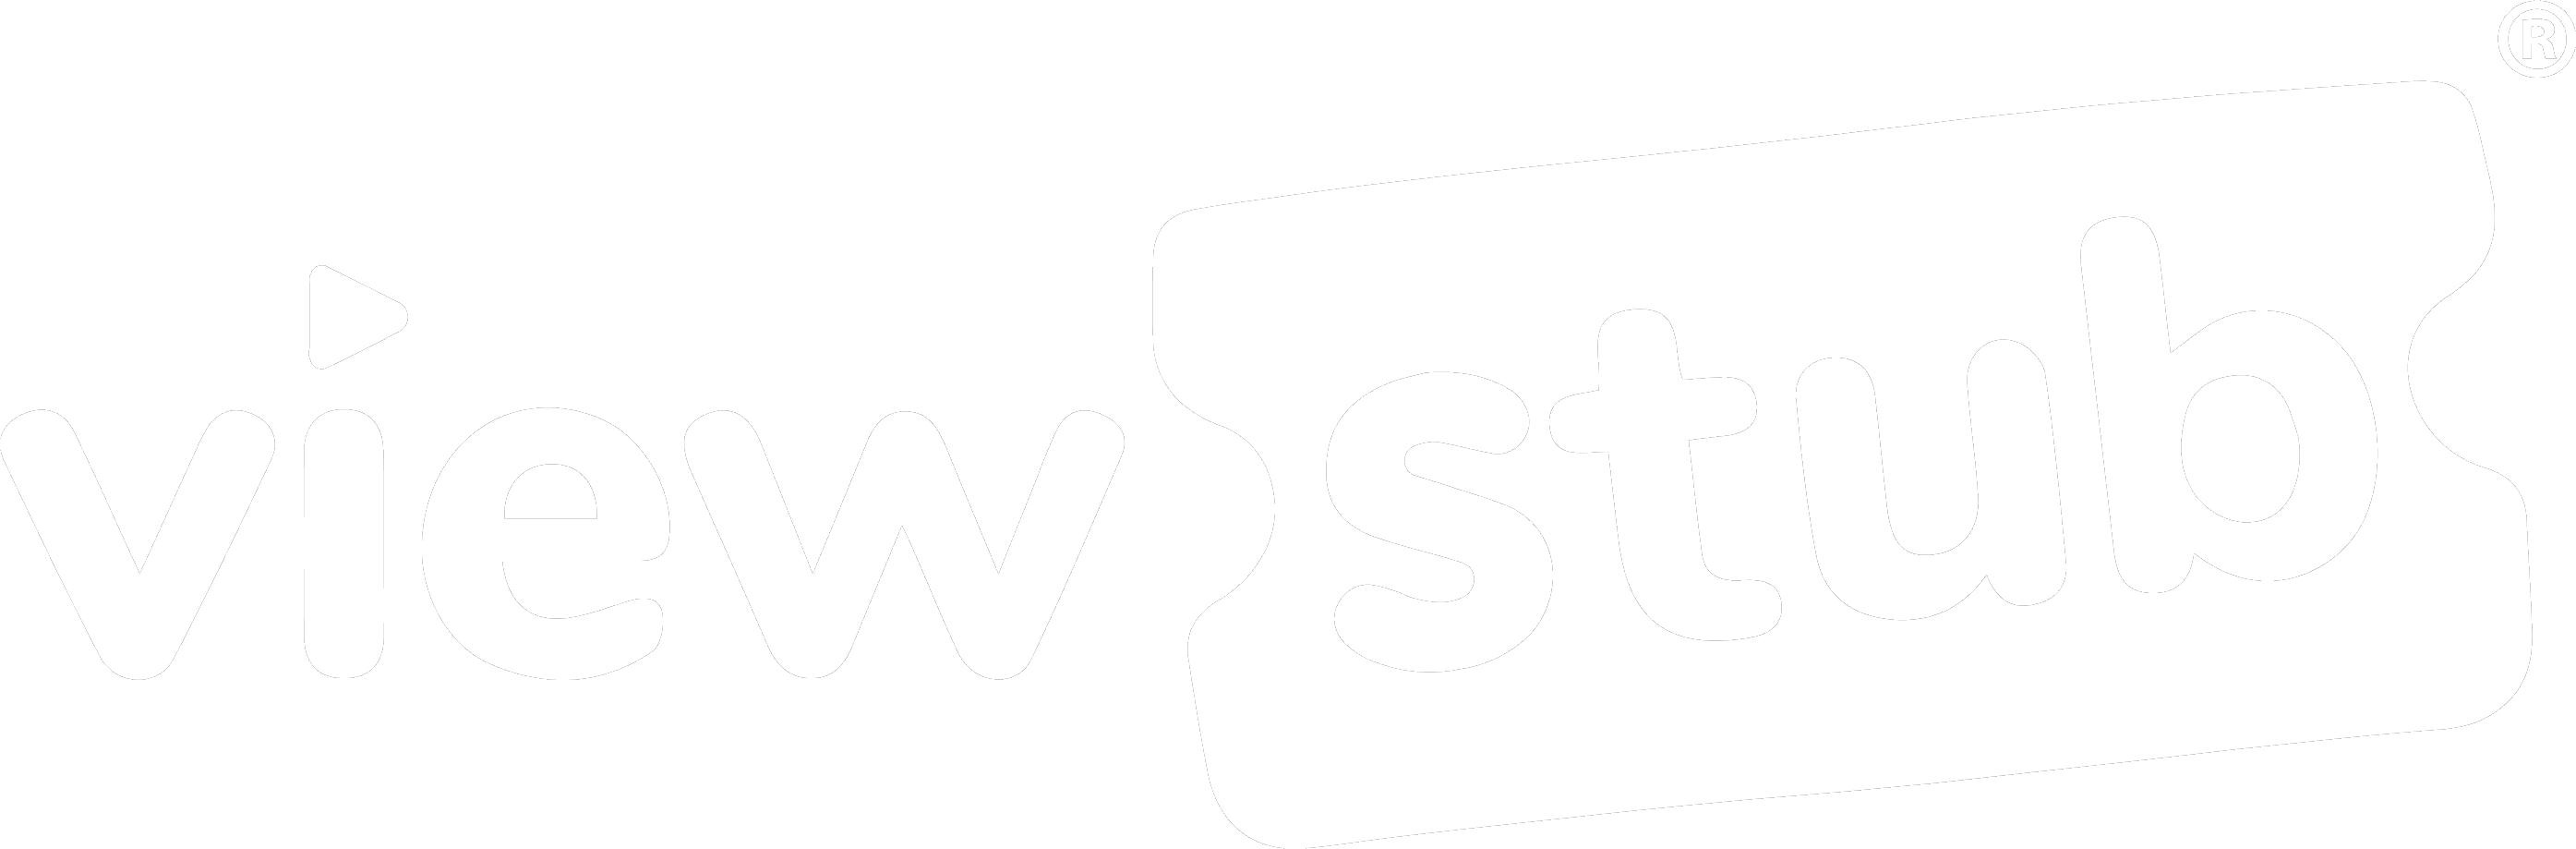 ViewStub